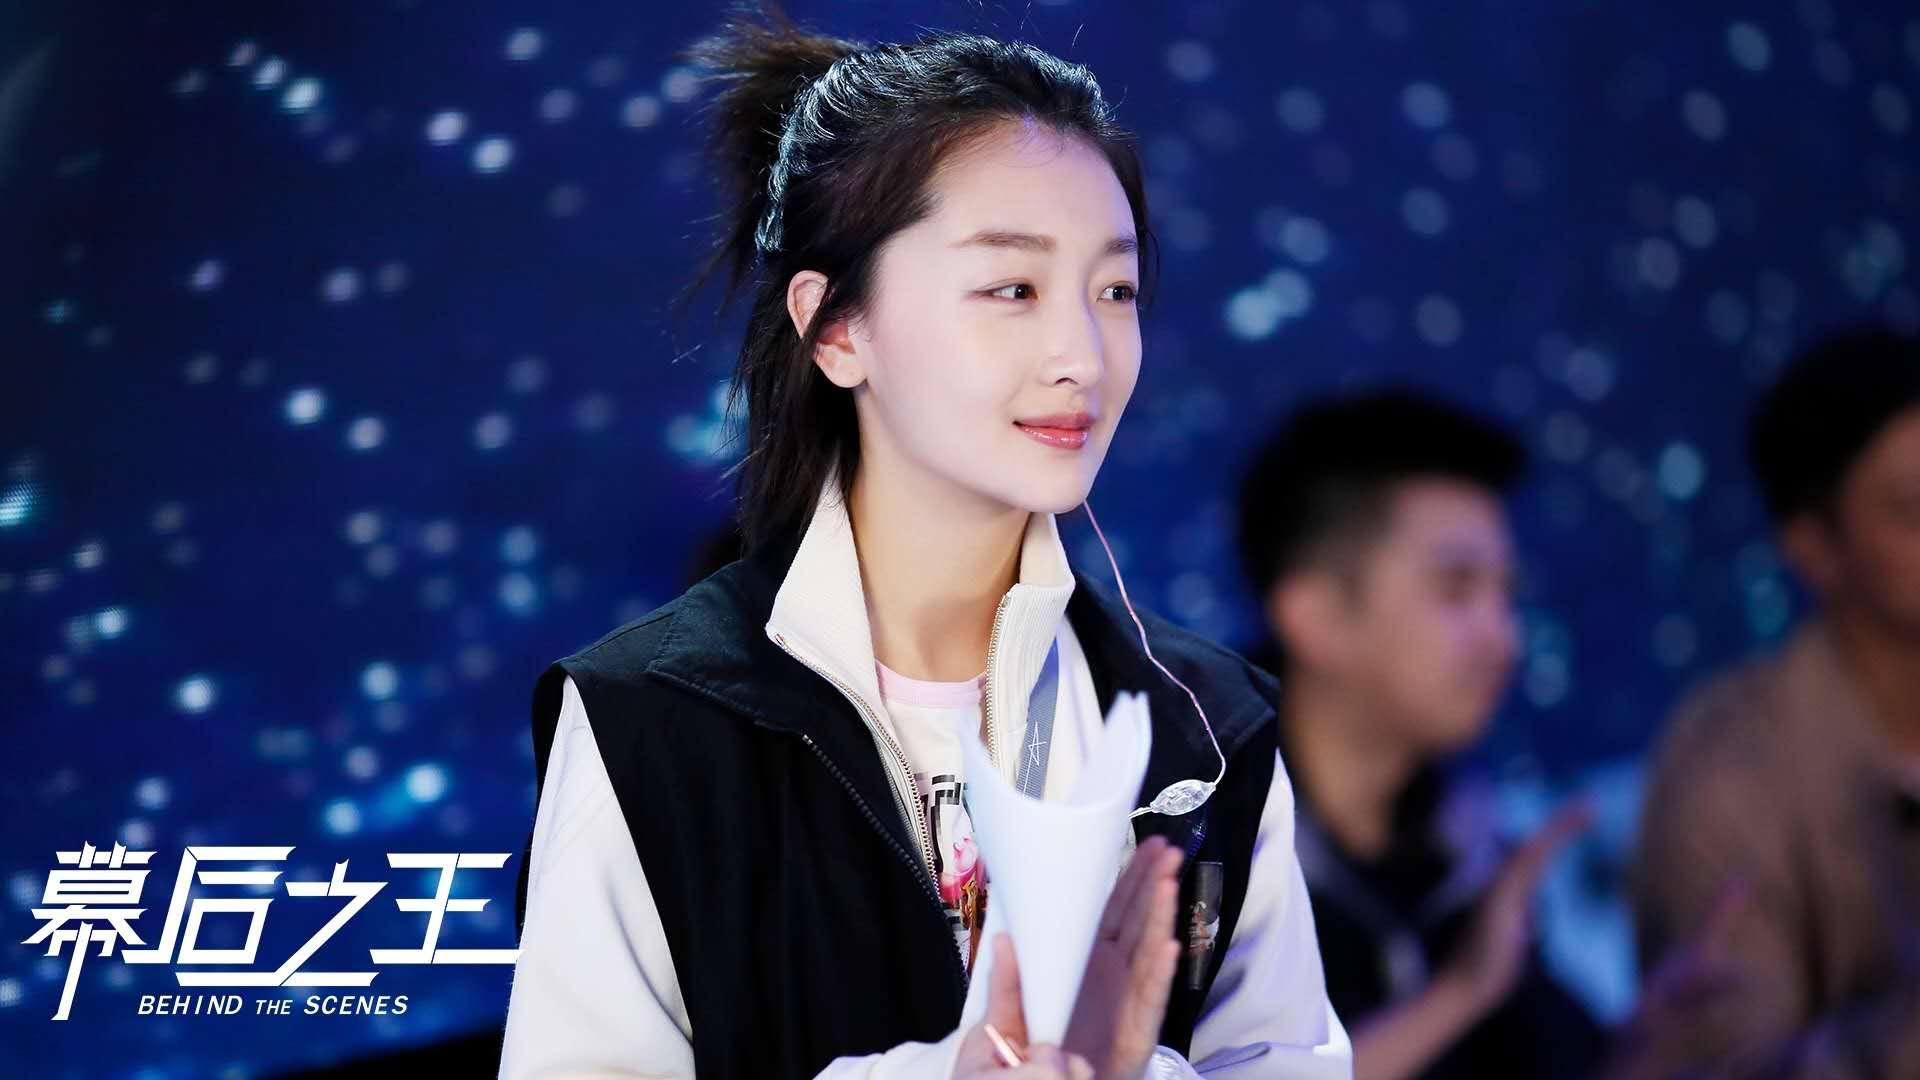 《幕后之王》揭开综艺背后故事,周冬雨罗晋主演,陈数张雨绮特别出演